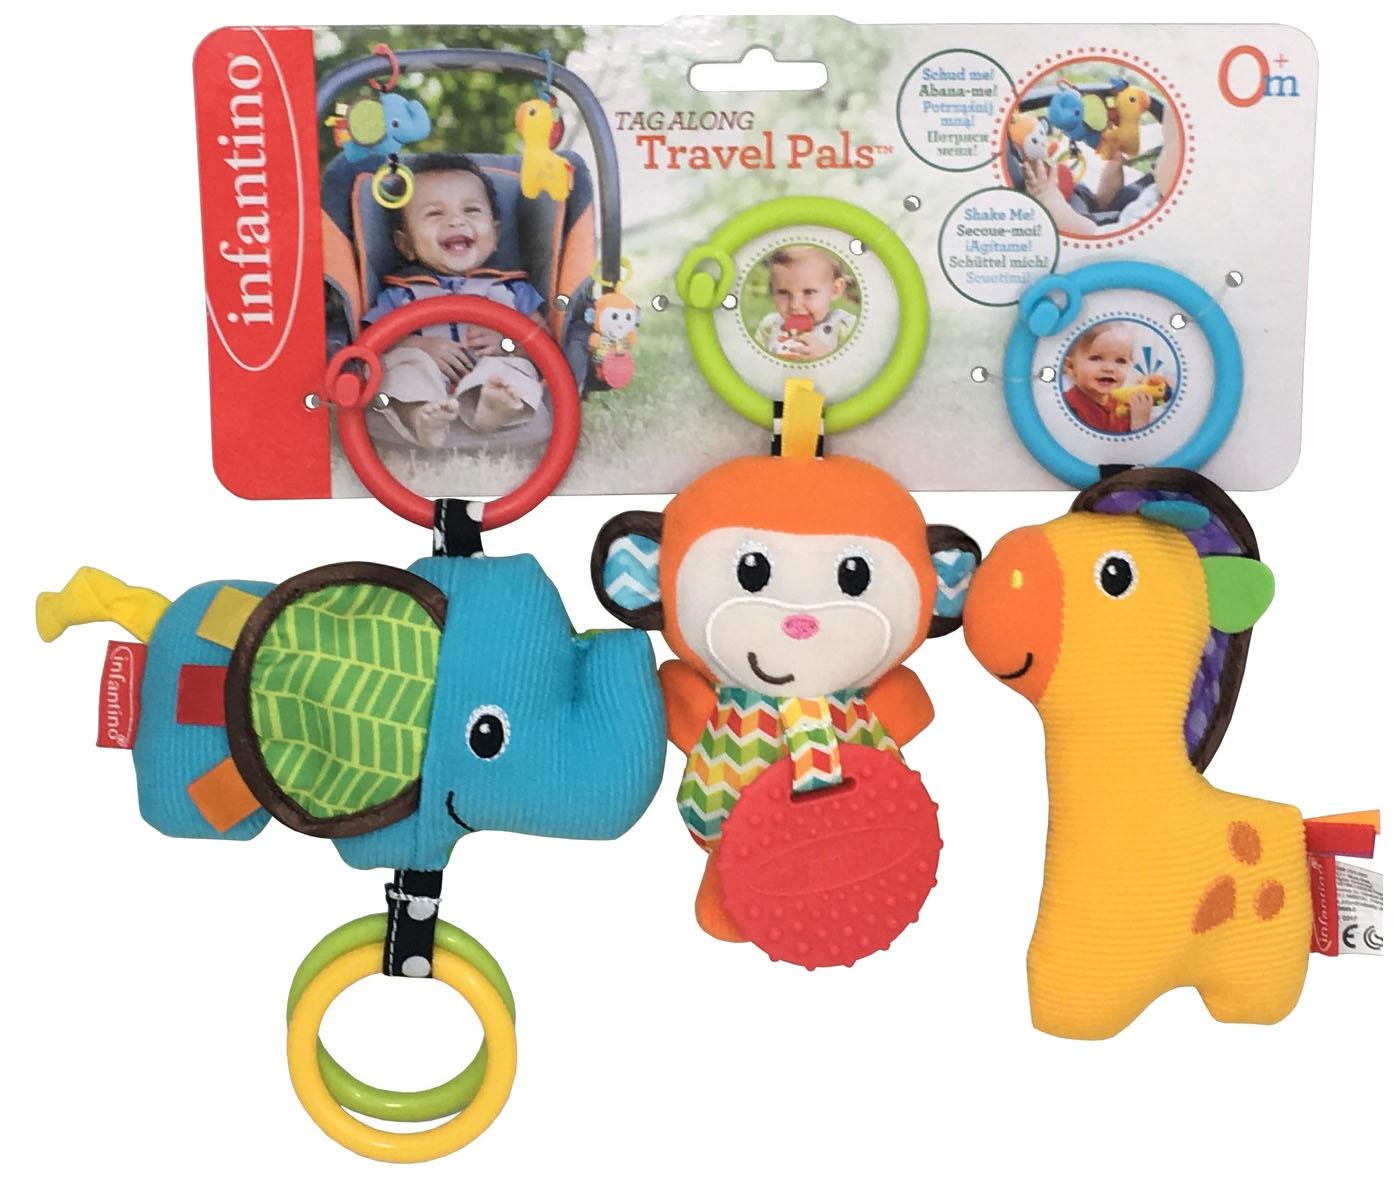 Купить Друзья, Развивающая игрушка Infantino Набор игрушек для малышей друзья,